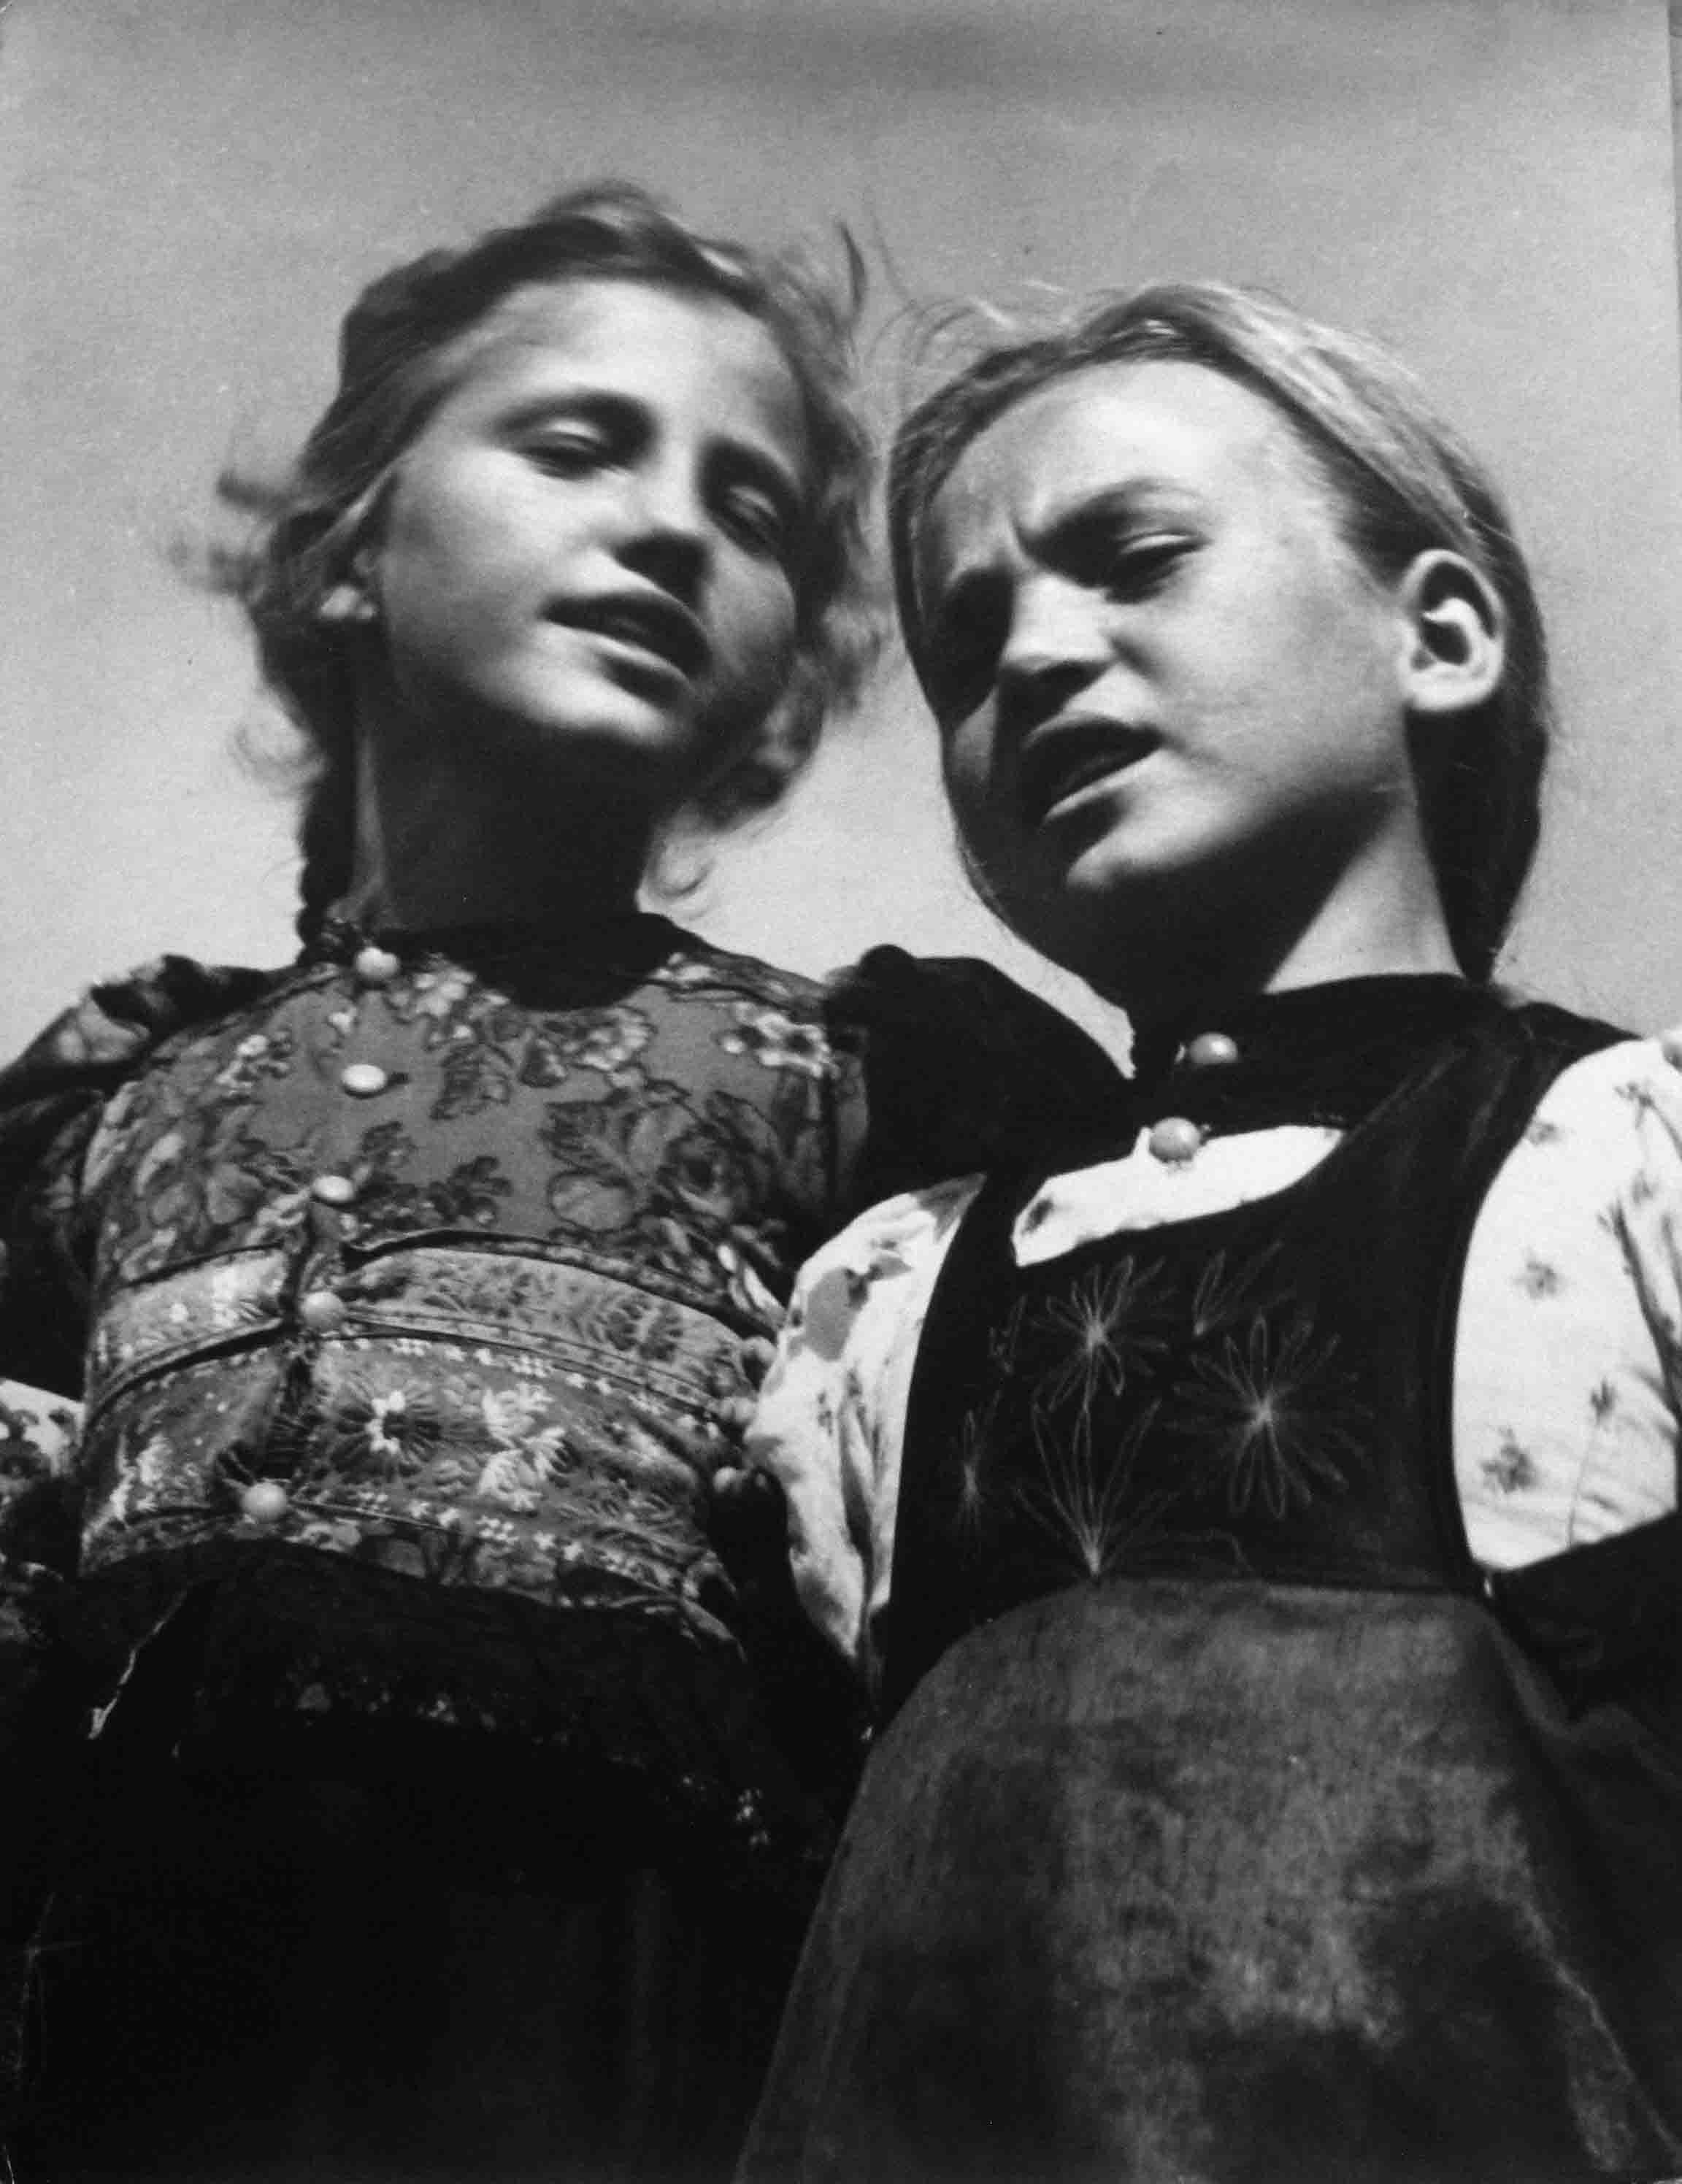 Dos niñas cantando. Hungría, 1938<br/>Gelatina de plata / Silver gelatin print